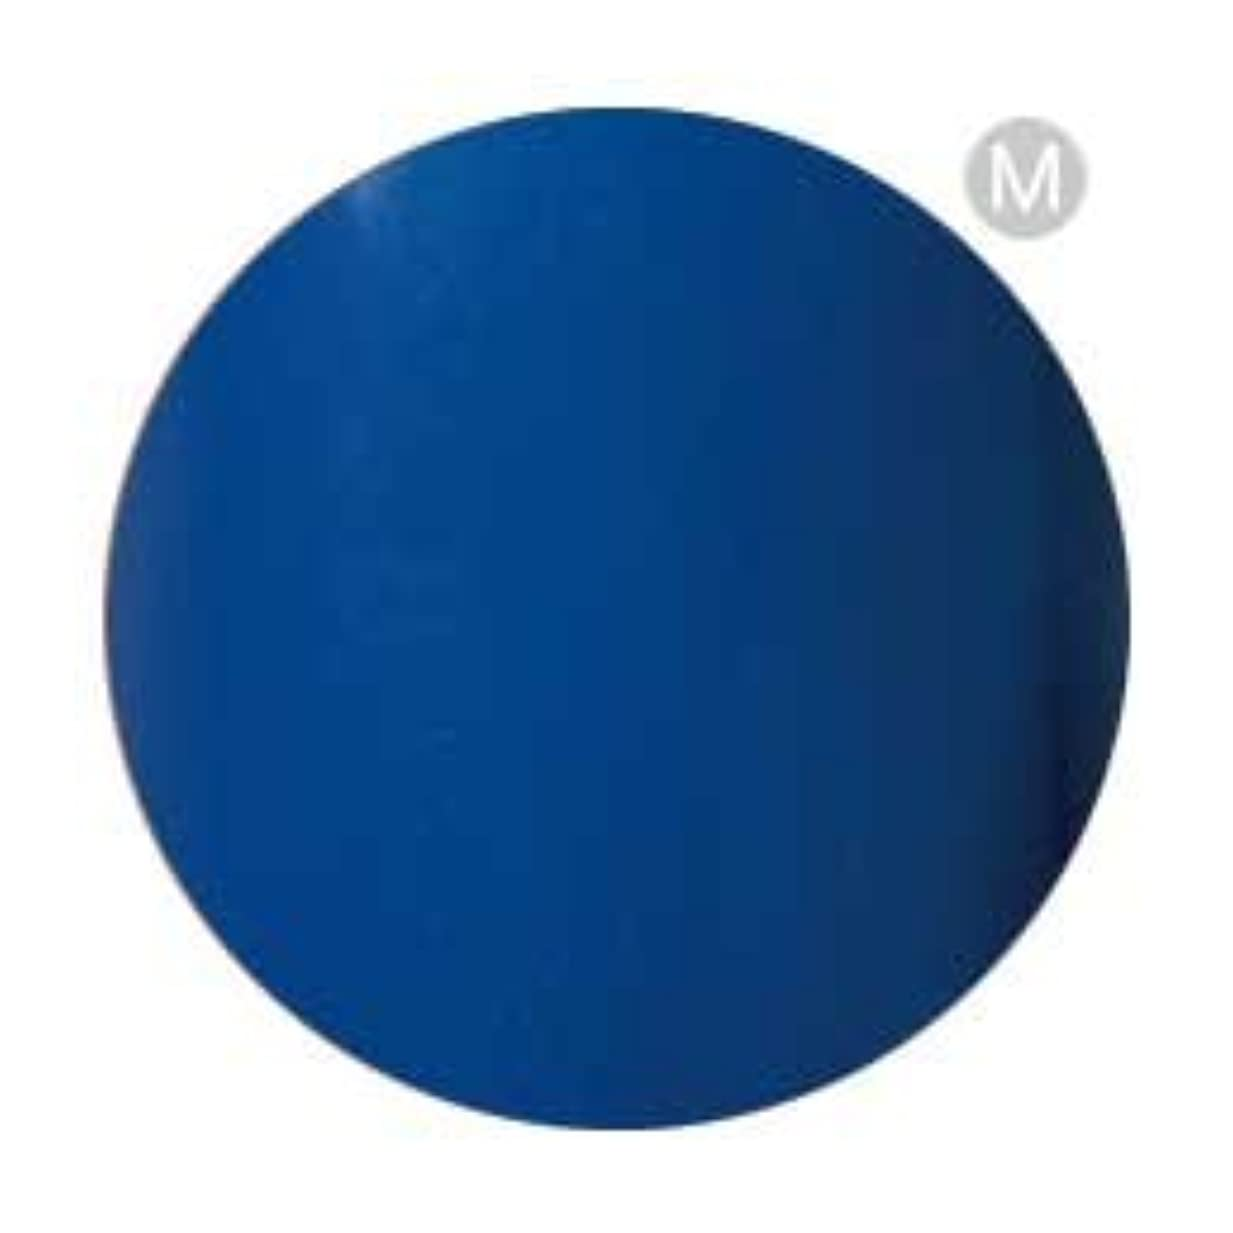 セグメント他のバンドで恥ずかしいPalms Graceful カラージェル 3g 004 ブルー